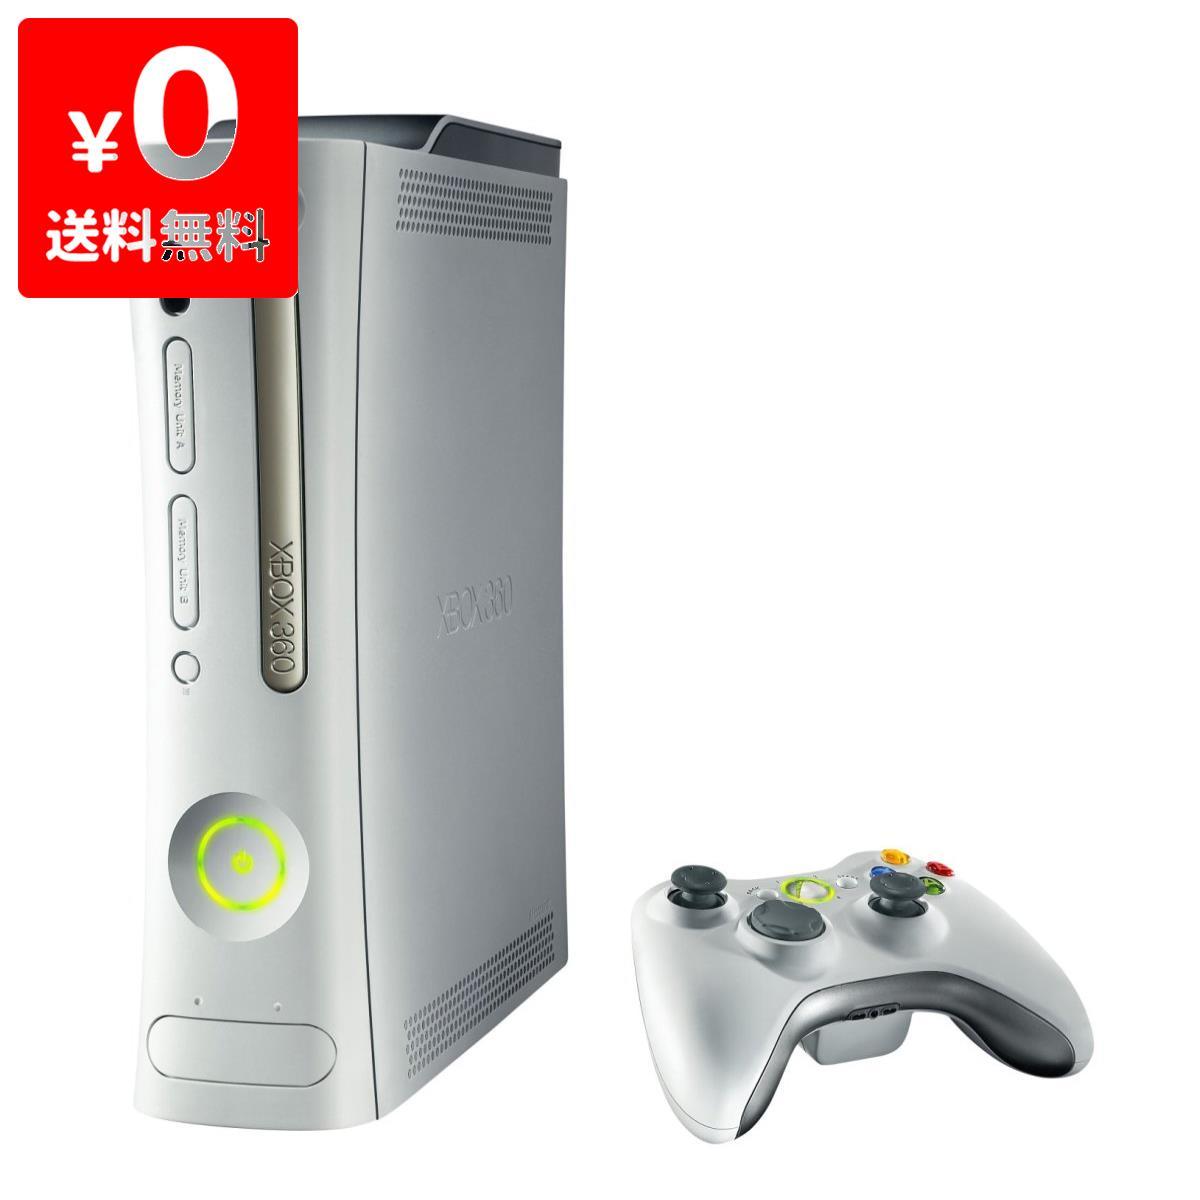 【送料無料】Xbox 360 通常版 HDMI端子なし HDD20GB 本体 すぐ遊べるセット Xbox360【中古】